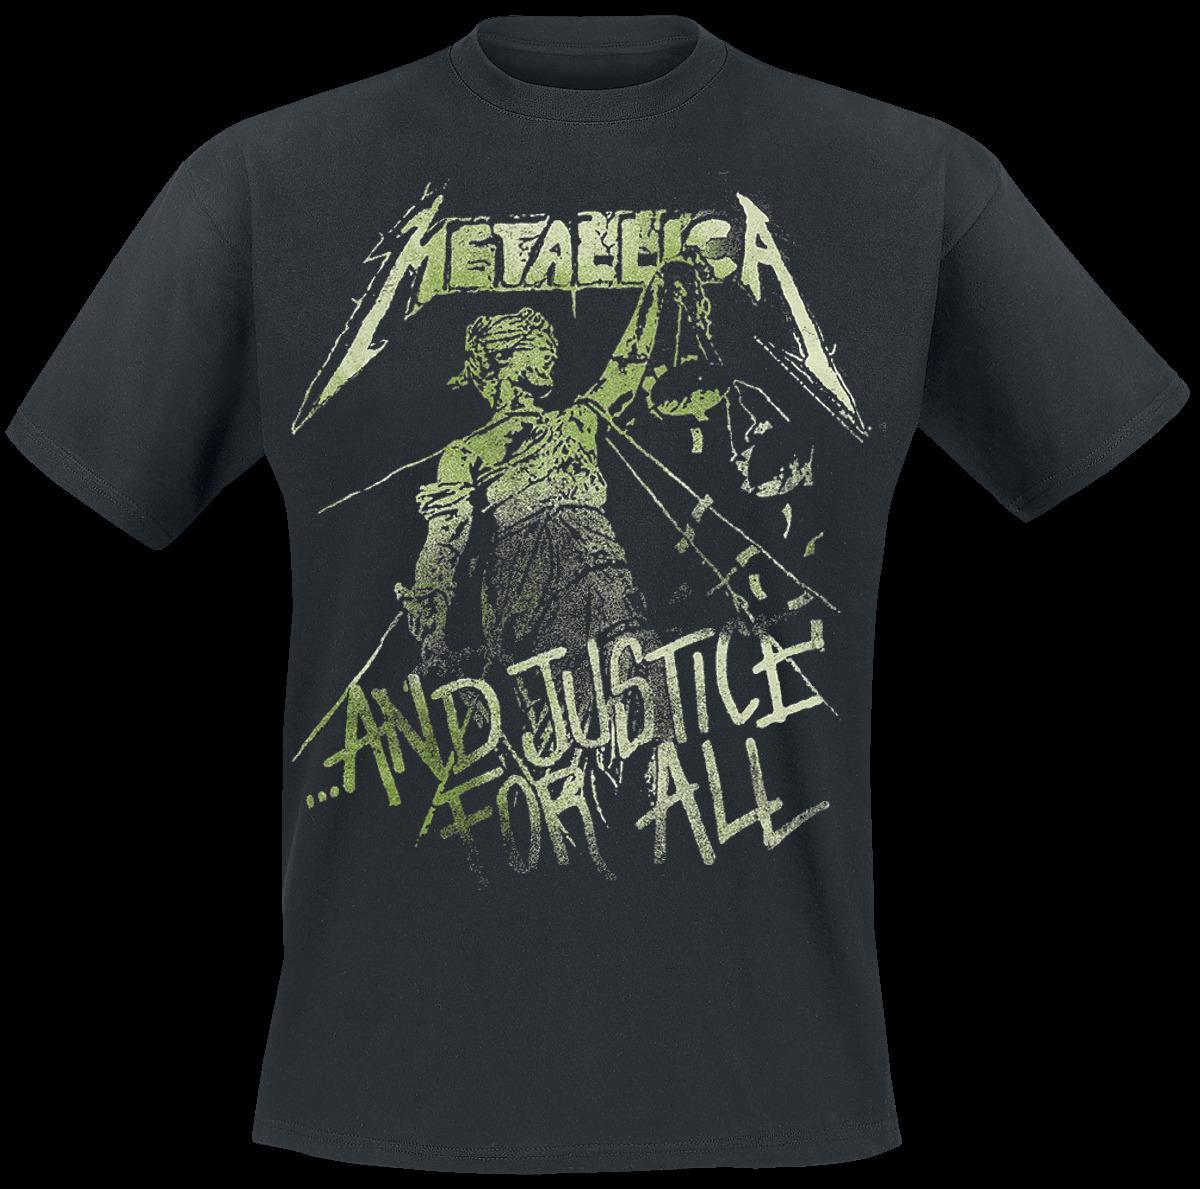 d5a82406ab8 Metallica T Shirt Design   Top Mode Depot